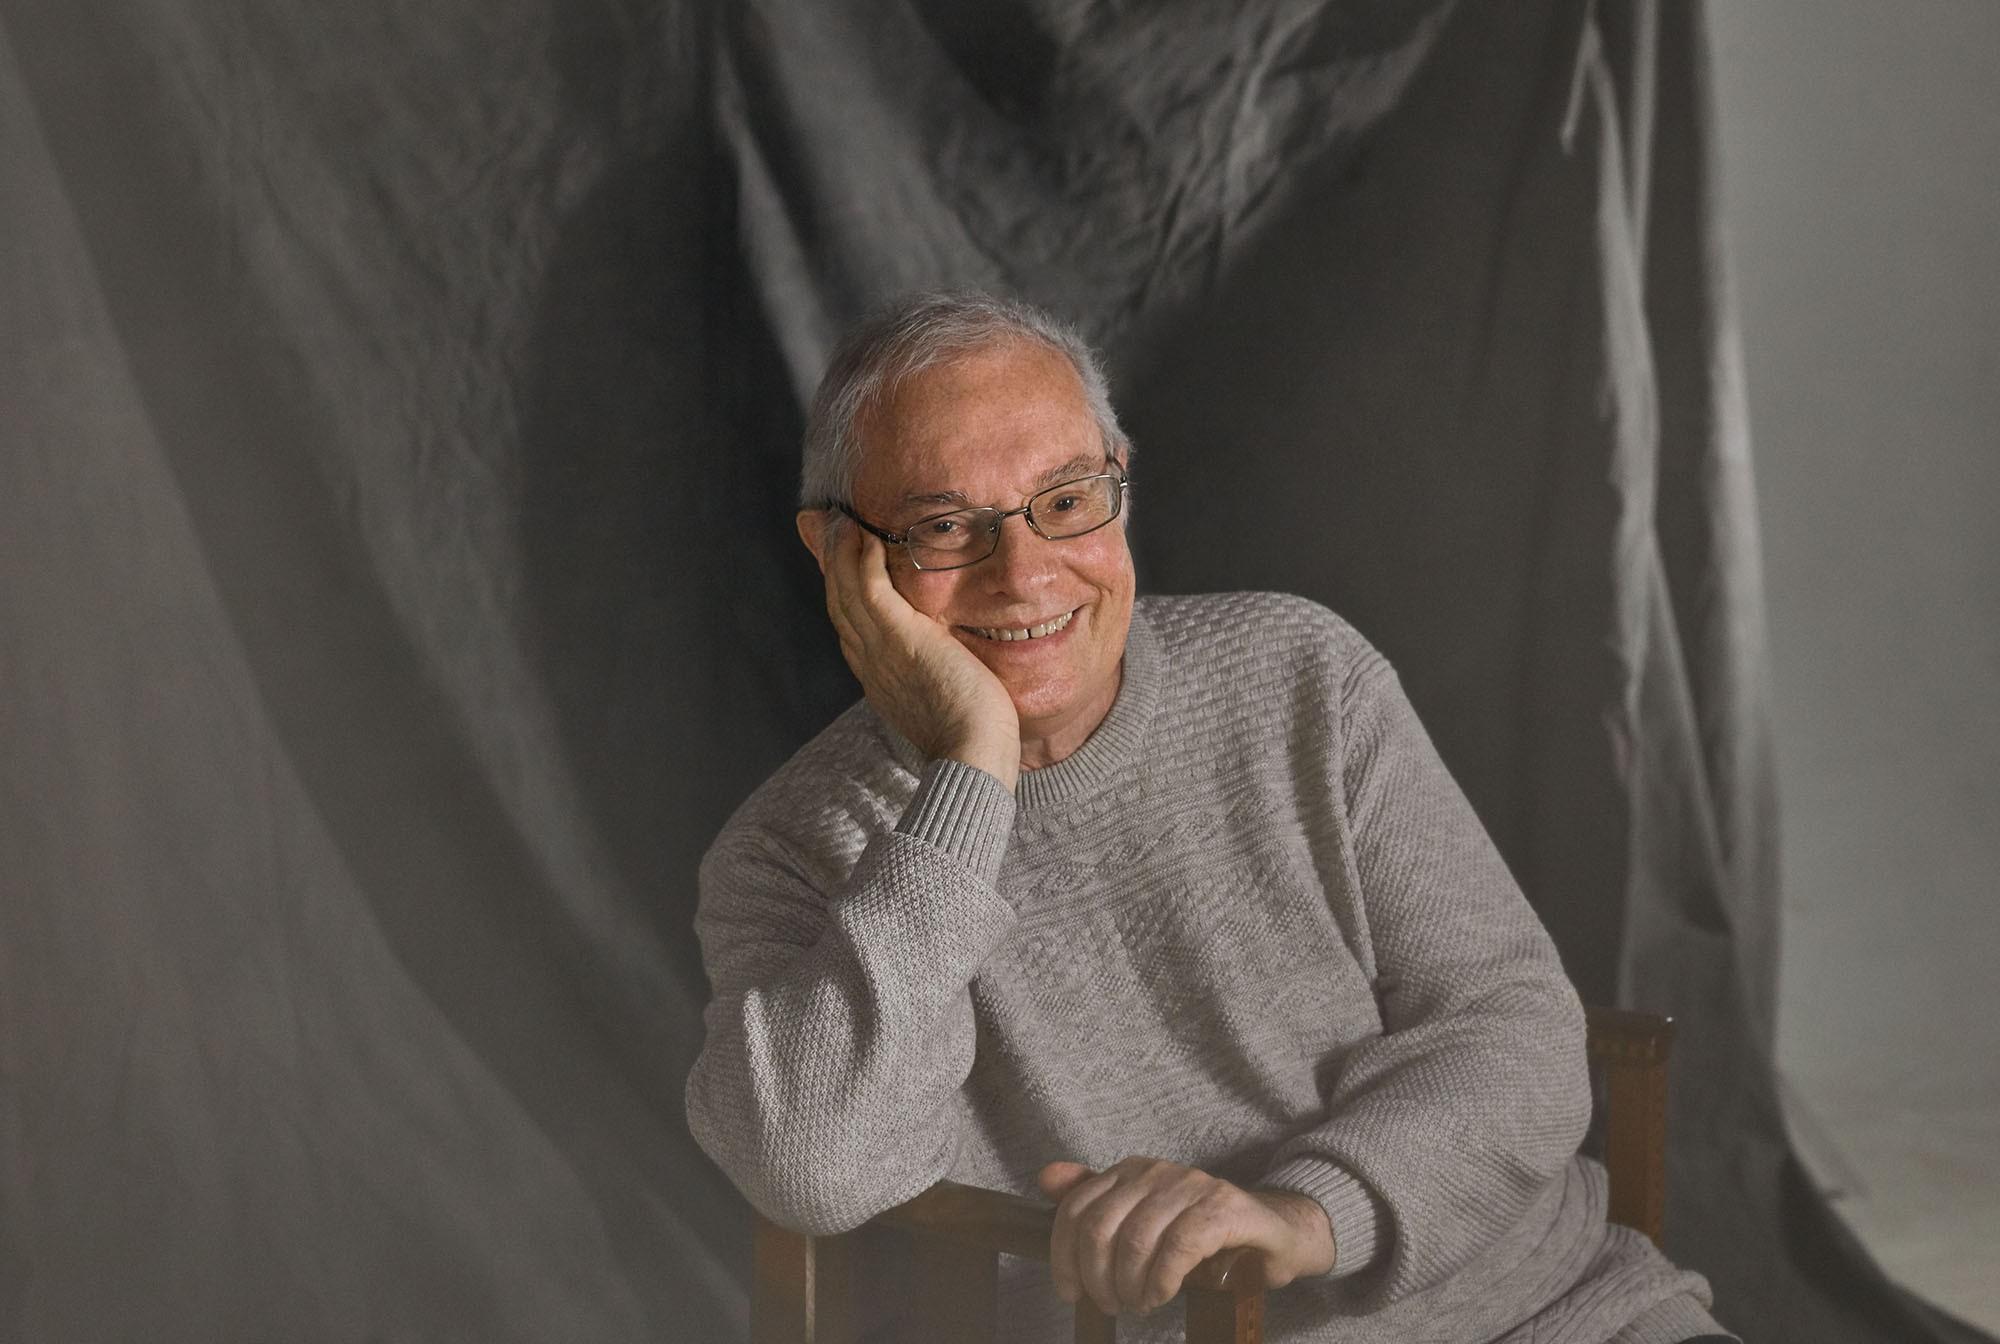 Francis Hime soa atemporal no esplendor de 'Hoje' - Notícias - Plantão Diário